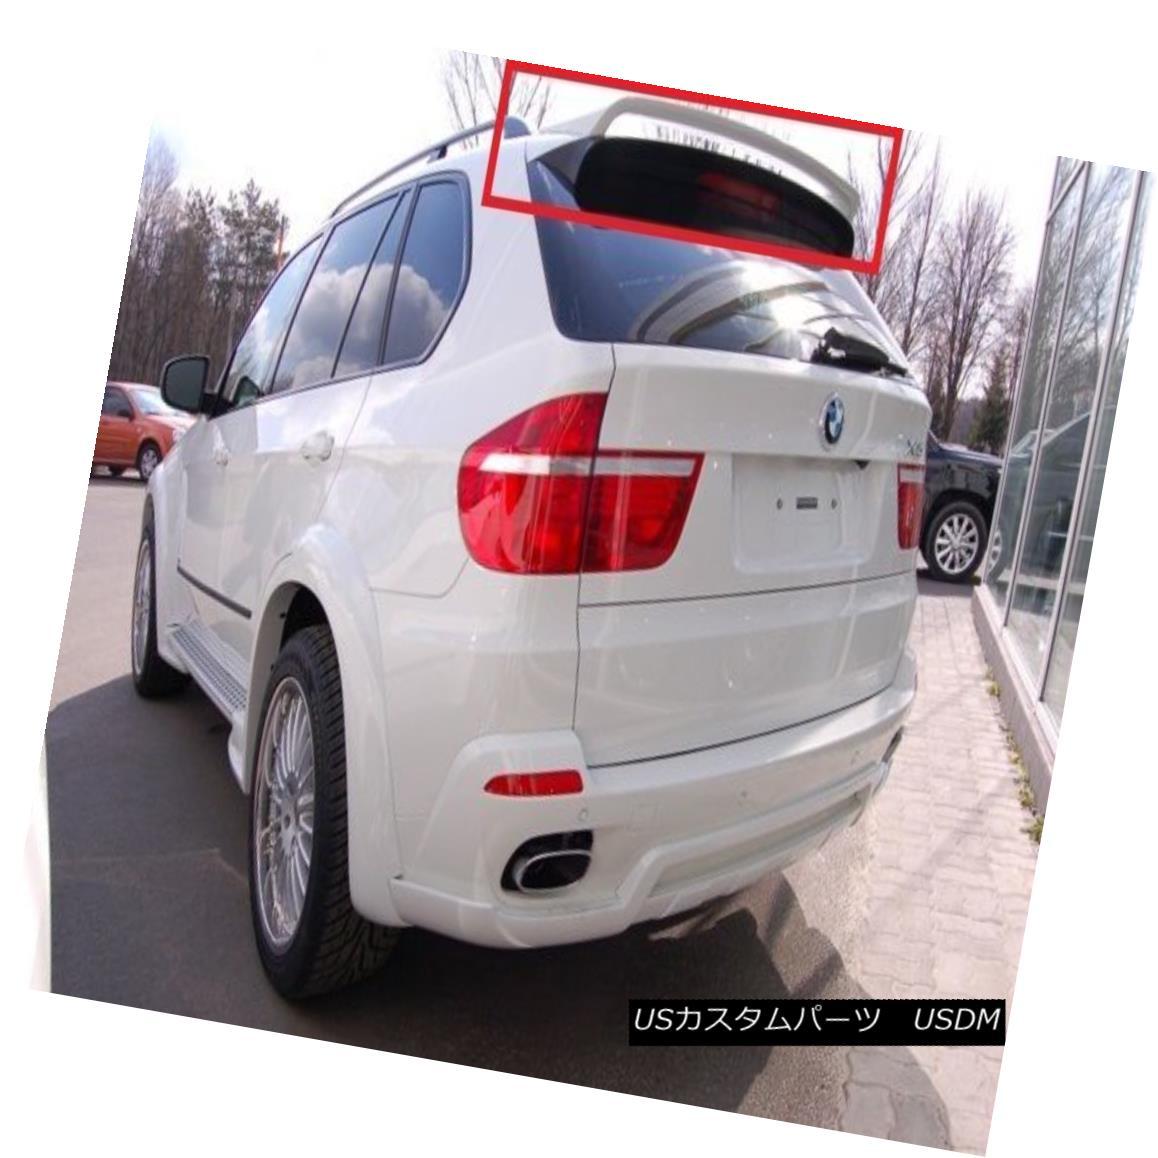 エアロパーツ BMW X5 E70 2006 - 2013 REAR ROOF SPOILER NEW BMW X5 E70 2006 - 2013リア・ルーフィ・スポイラーNEW